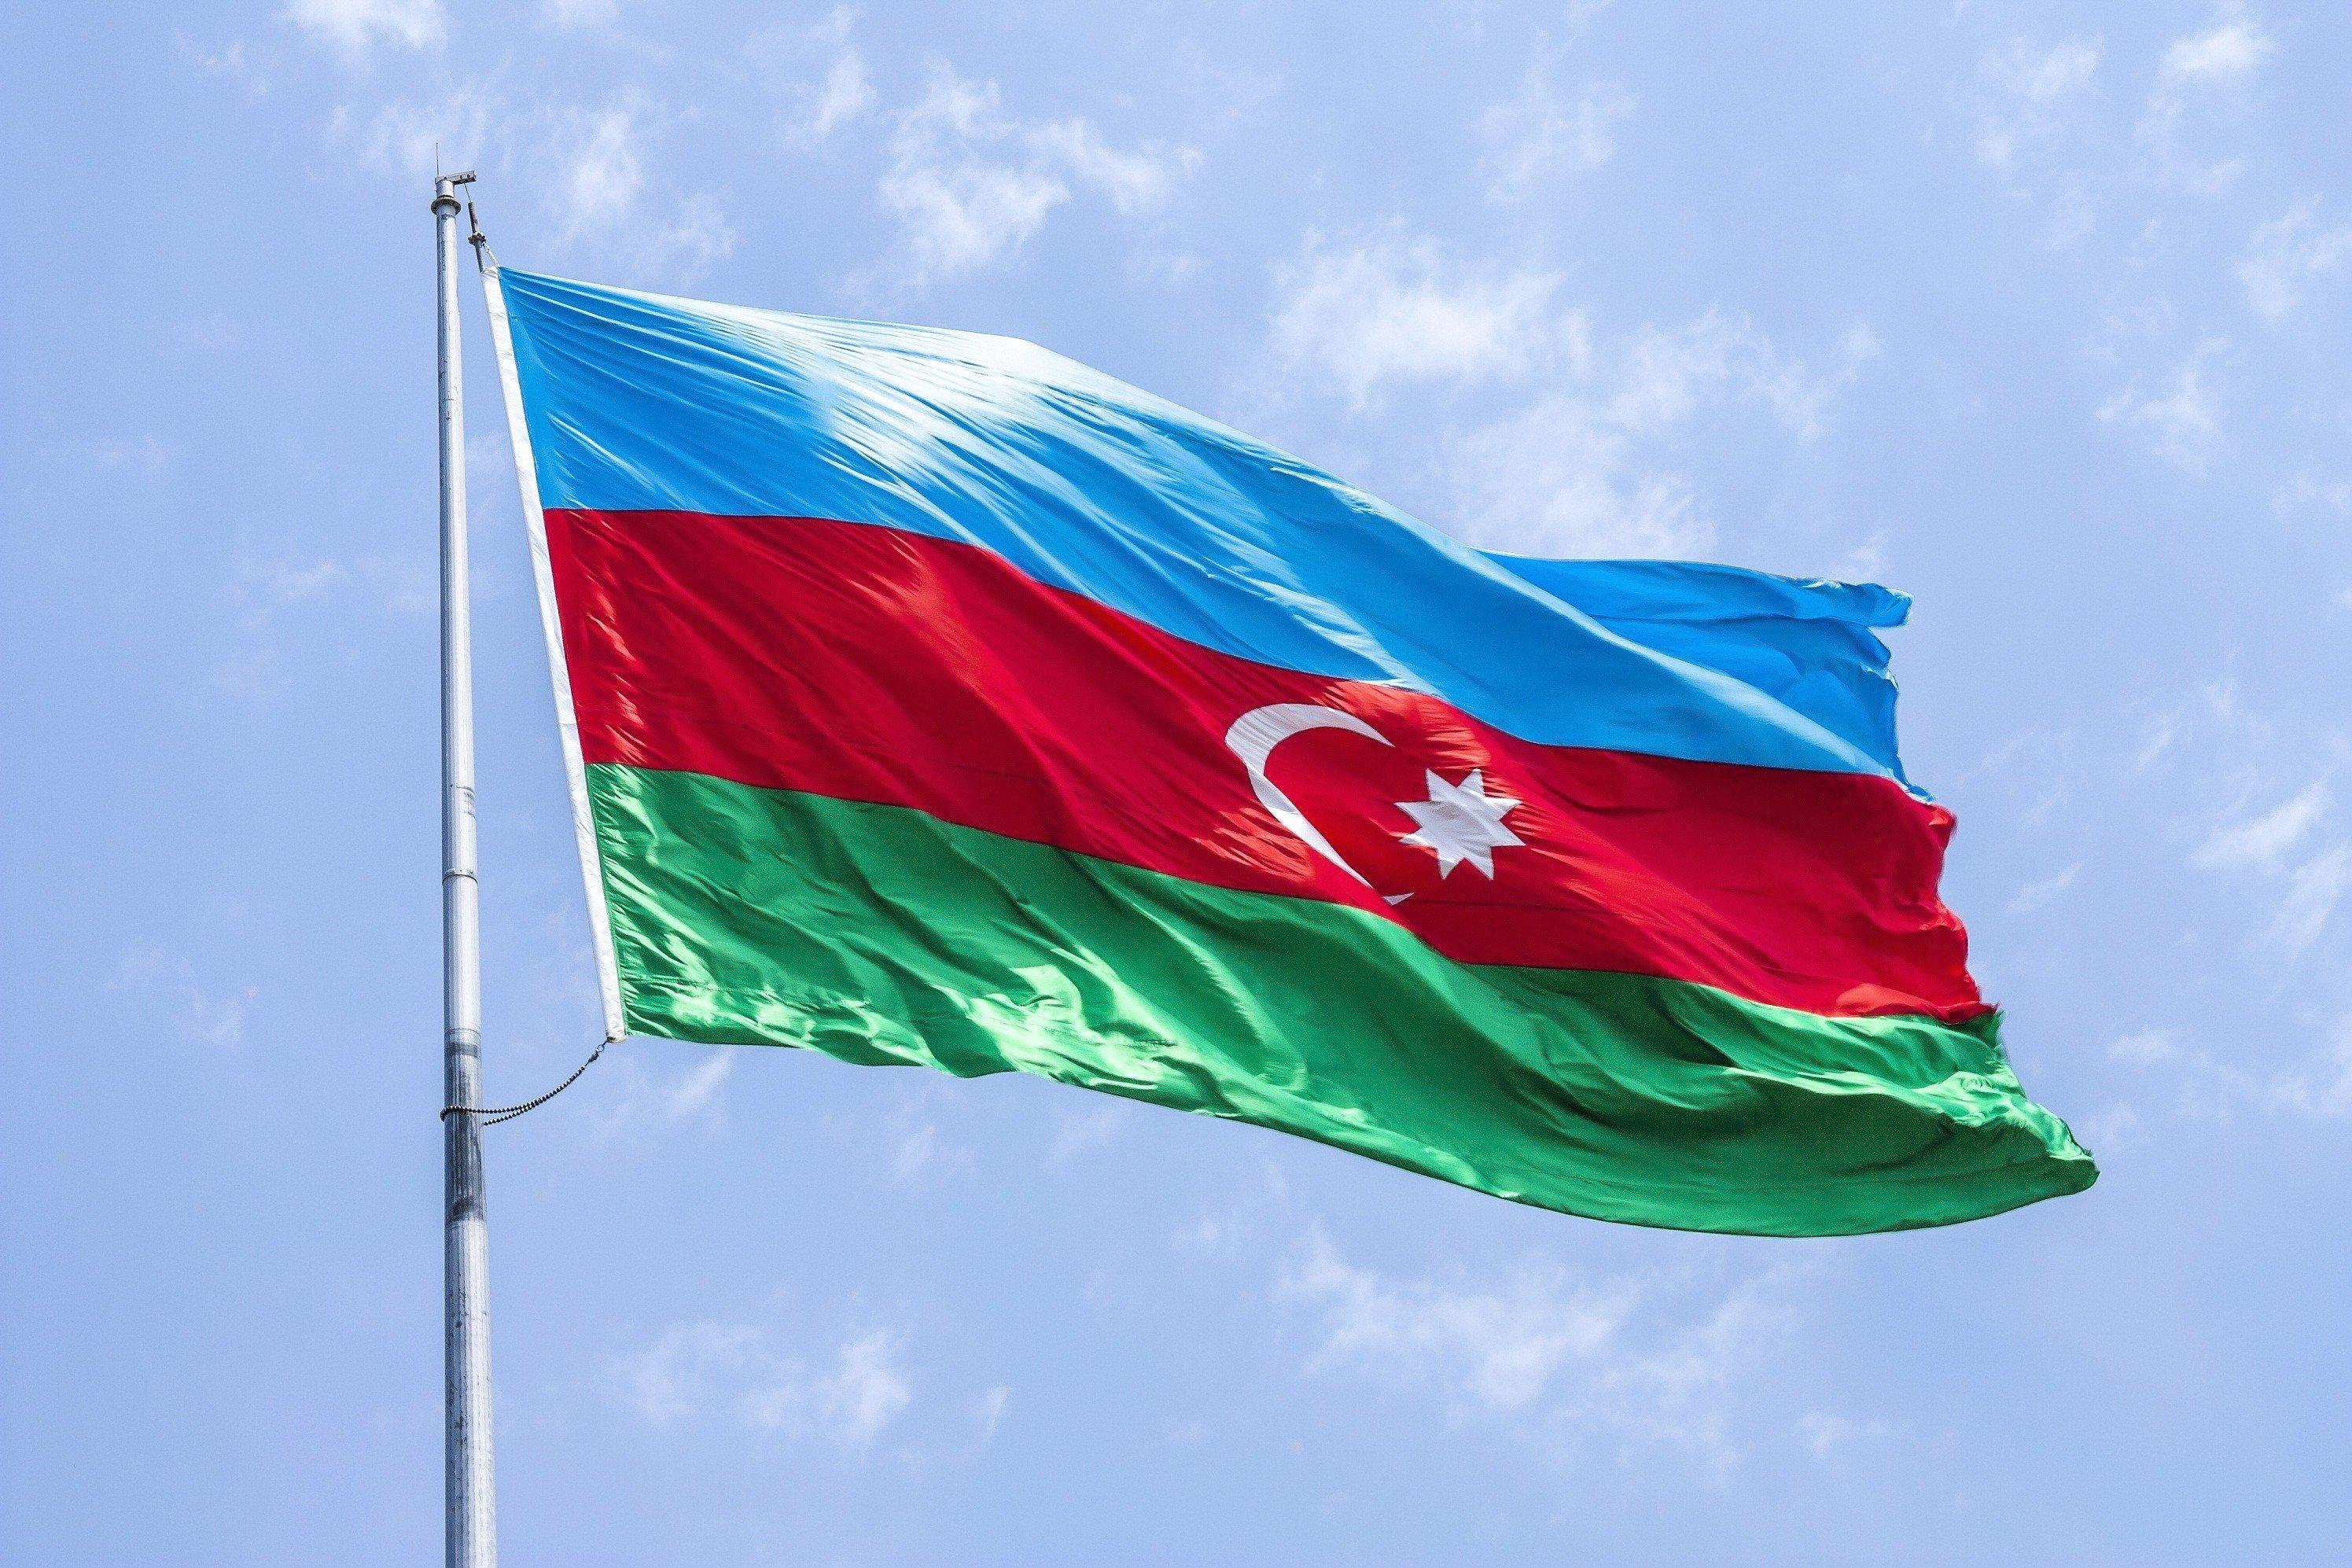 Azərbaycan Xalq Cümhuriyyətinin yaranmasından 102 il ötür